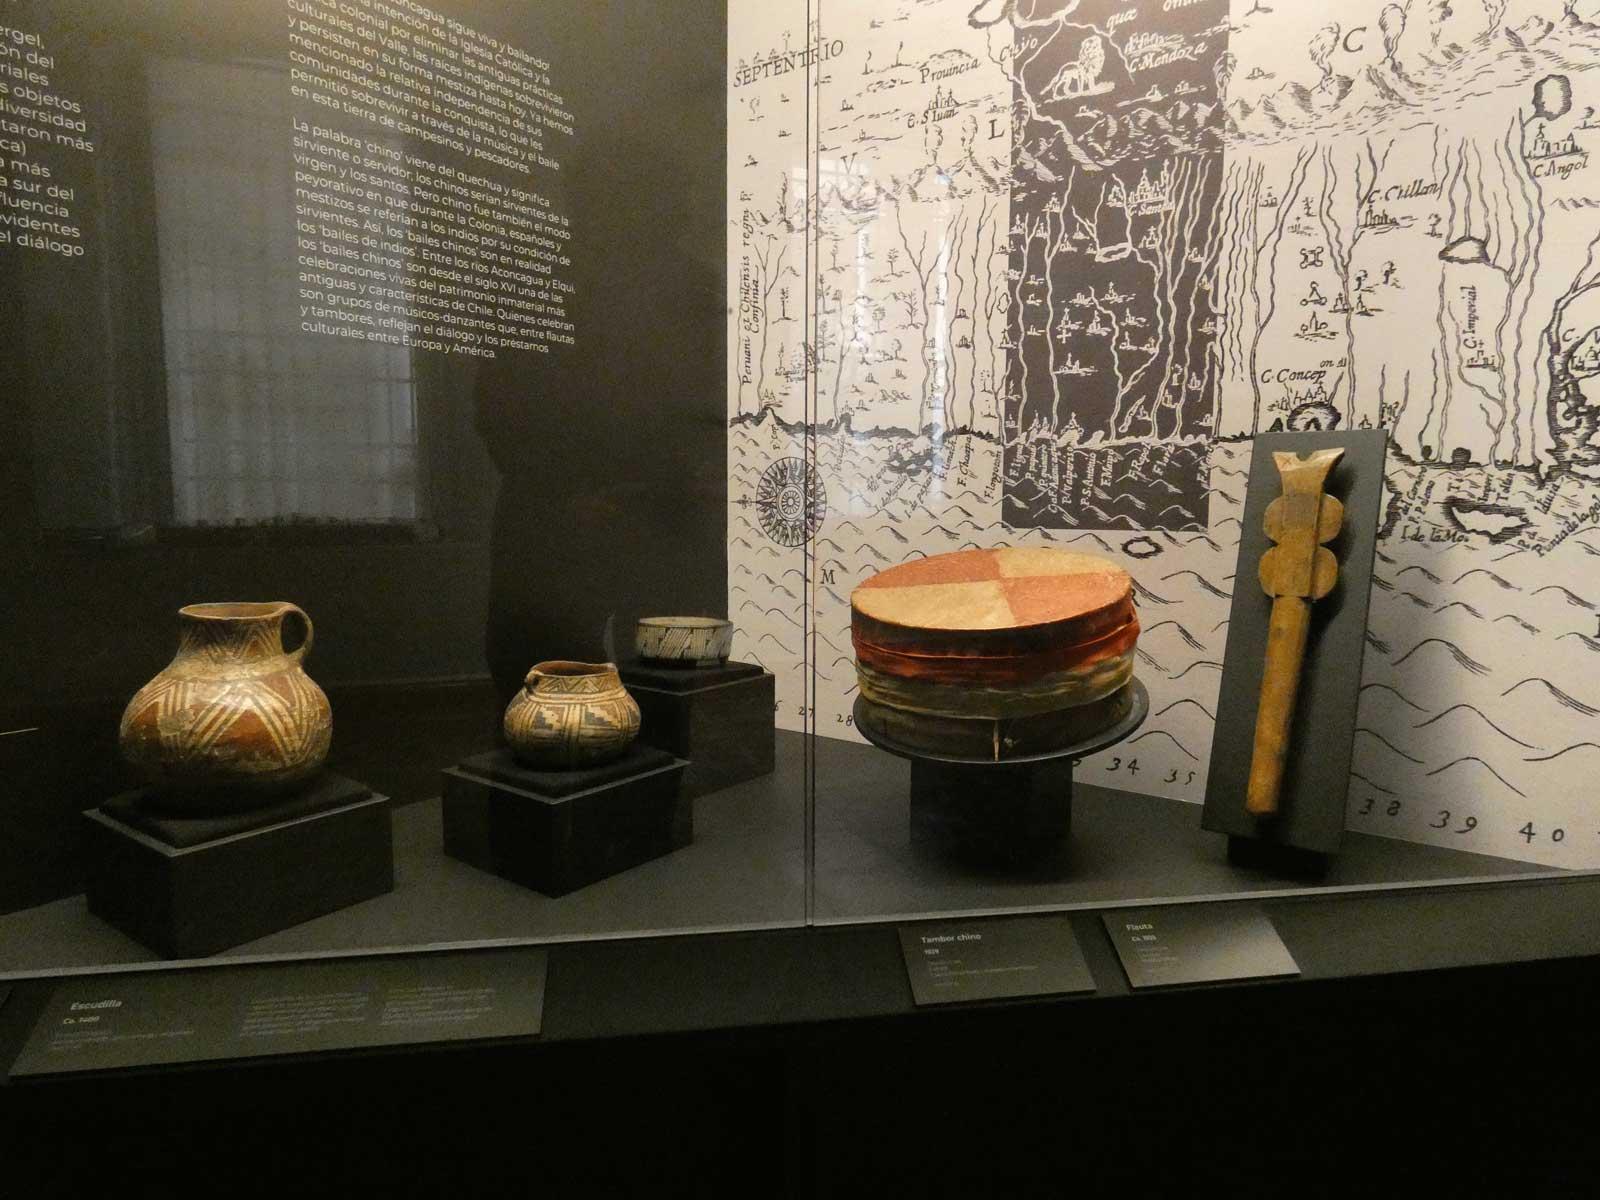 Amercanda.com-Museografía-y-Exposiciónes-Sinopsis,-Sentido-de-Nación-2020-6